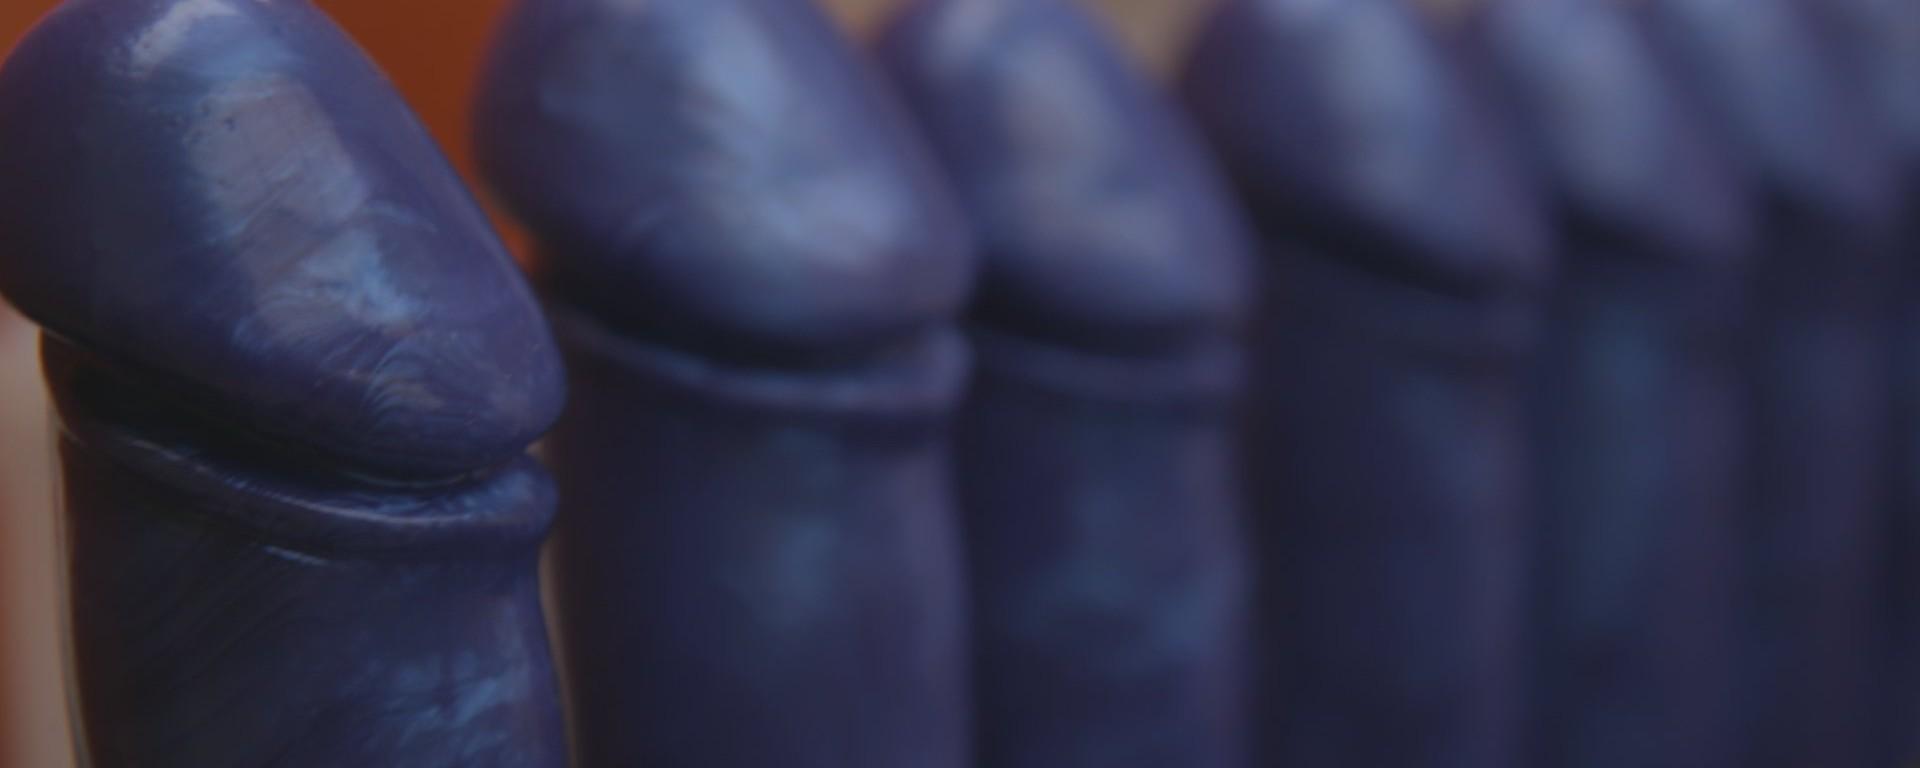 ce să faci atunci când penisul se distrează